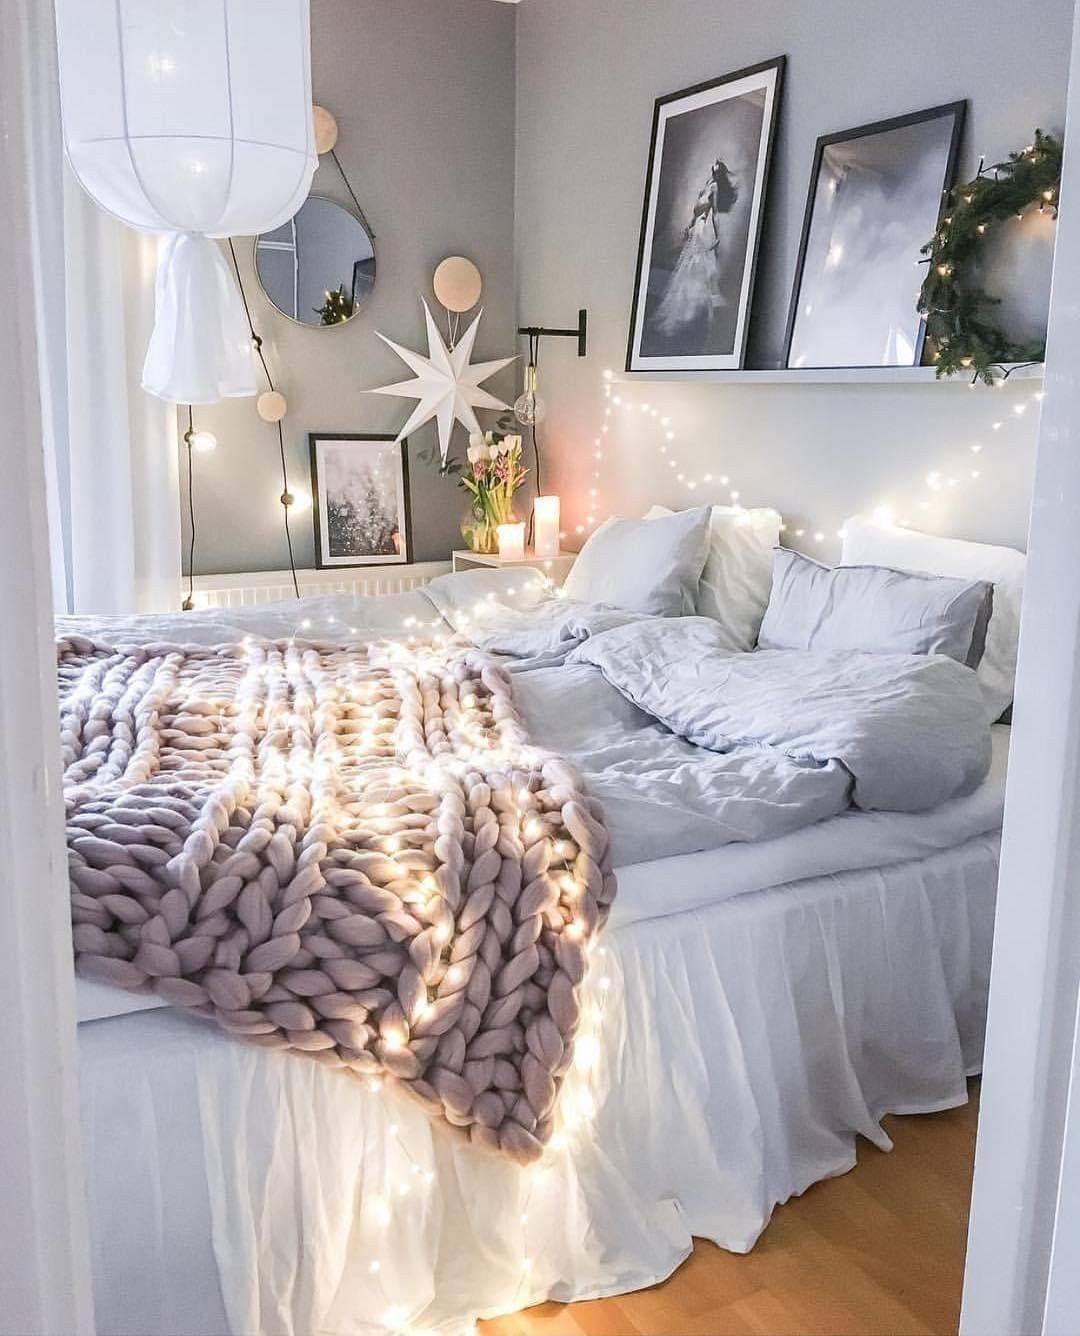 Pin Van Lotum Op G Morning G Night Girls Bedroom Slaapkamerdecoratie Slaapkamer